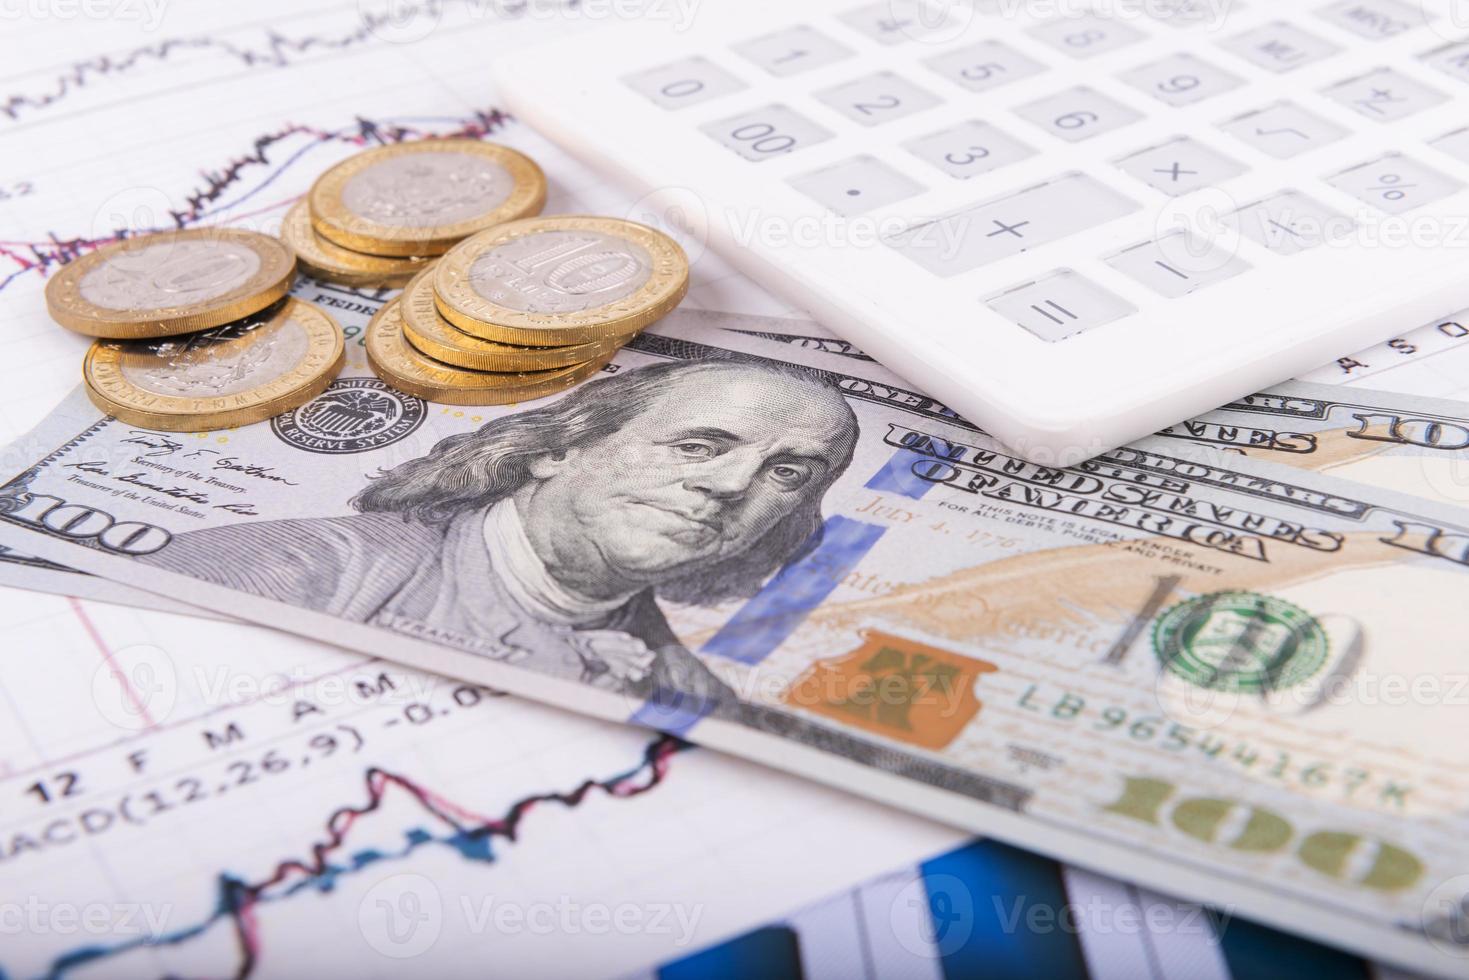 concetto di business con calcolatrice, occhiali, soldi e documenti foto